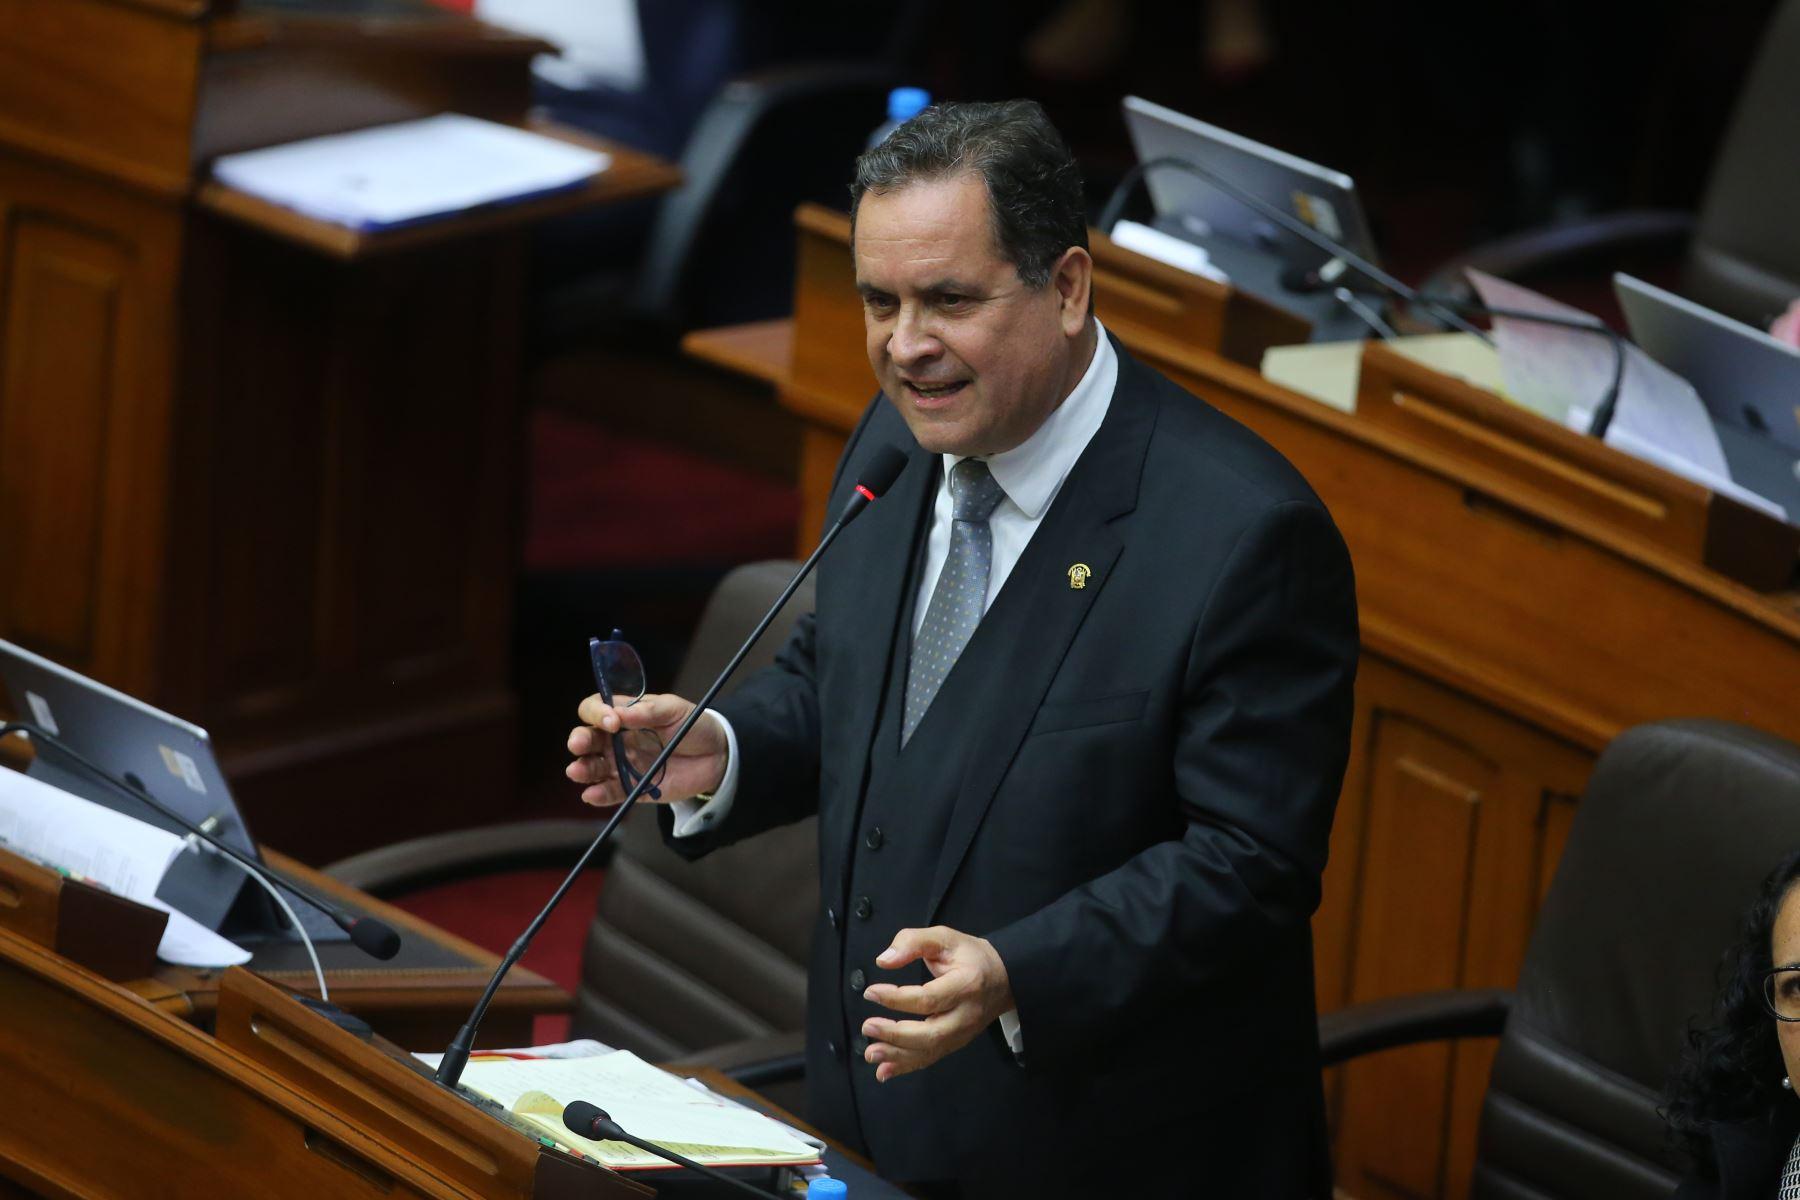 Congresista Luis Iberico interviene en el debate sobre la cuestión de confianza en el Congreso de la República. Foto: ANDINA/Vidal Tarqui